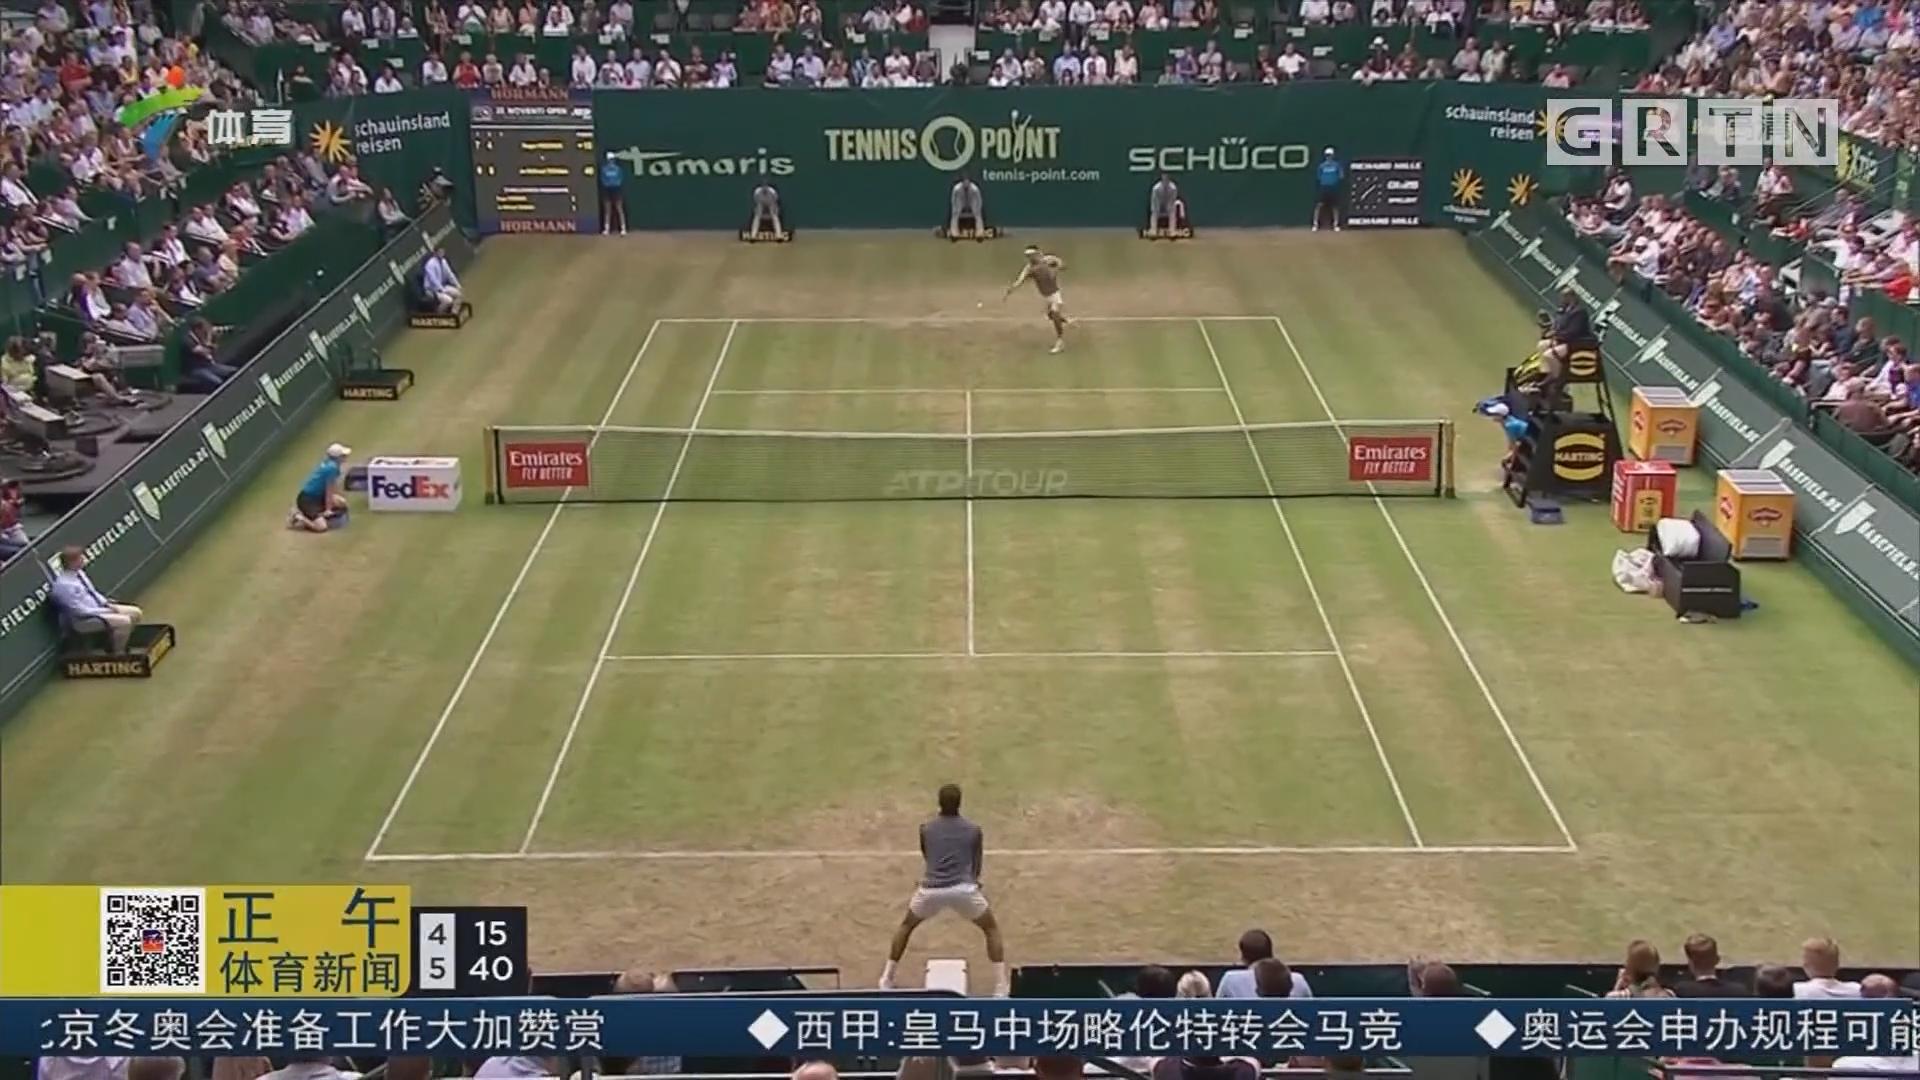 ATP500哈雷草地赛 费德勒携手小兹维列夫晋级